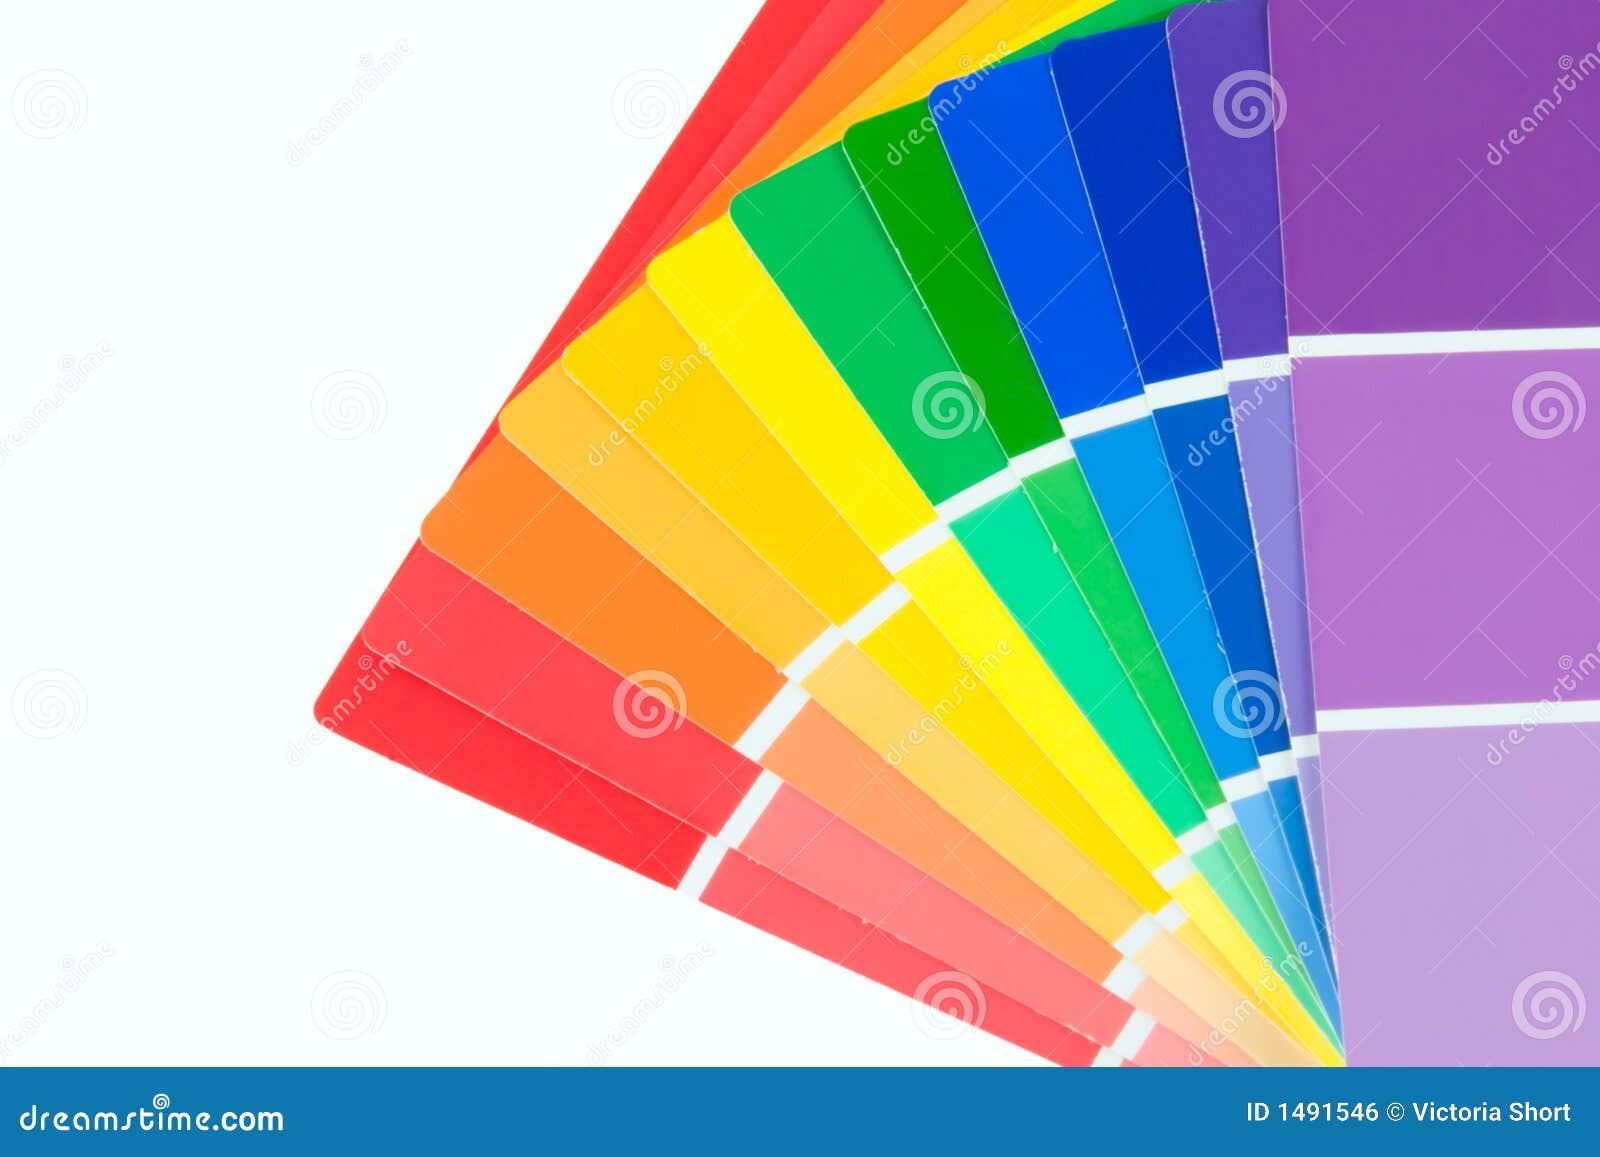 Color Chips Paint